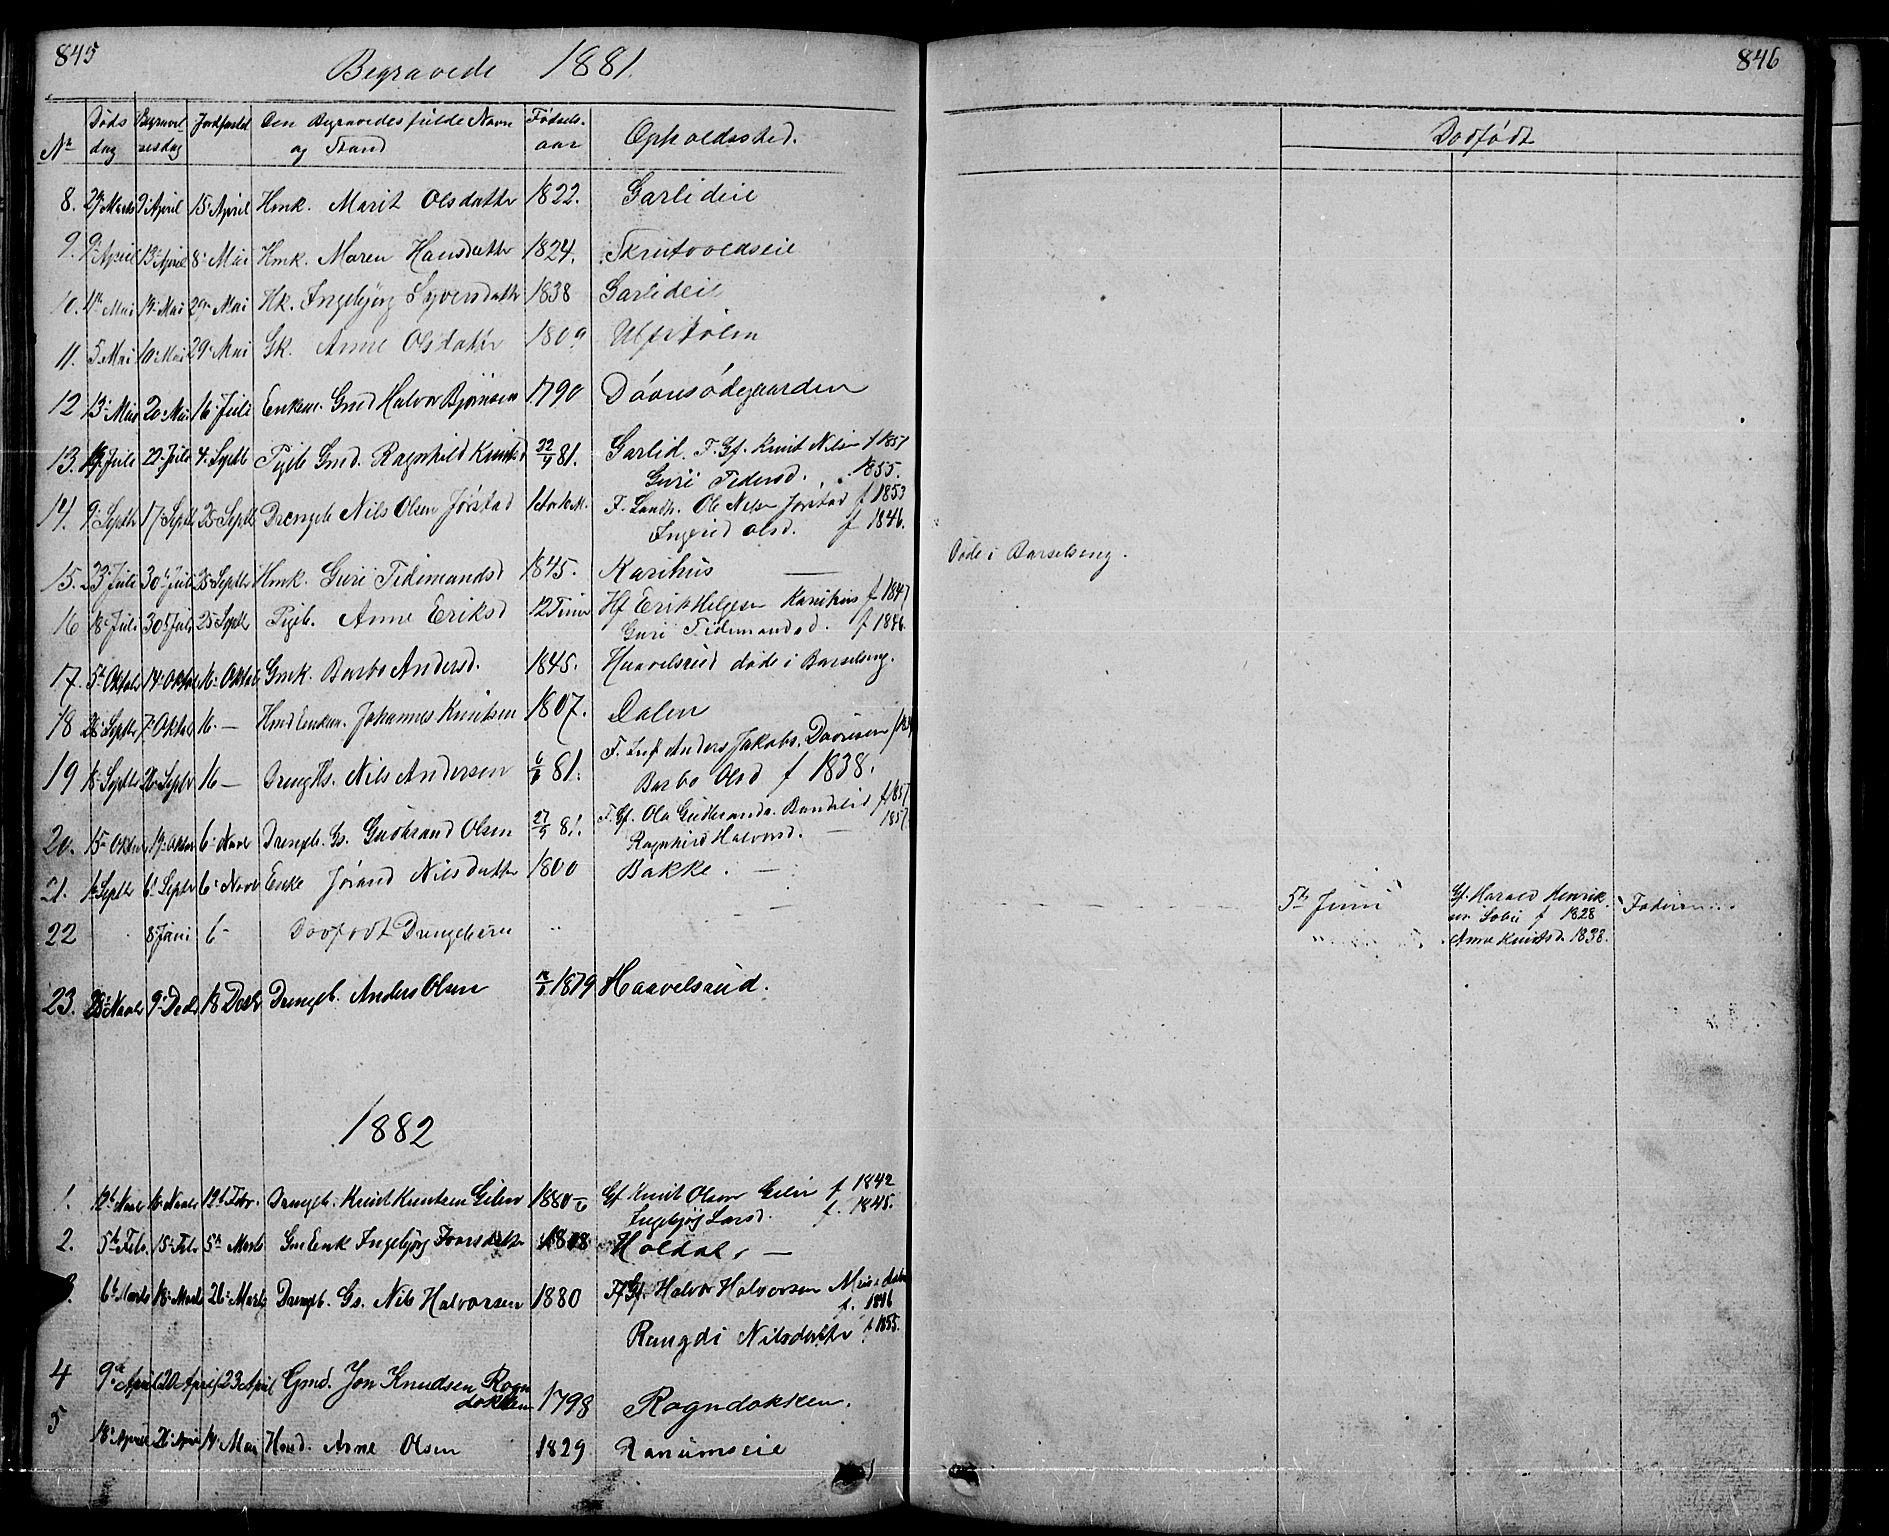 SAH, Nord-Aurdal prestekontor, Klokkerbok nr. 1, 1834-1887, s. 845-846